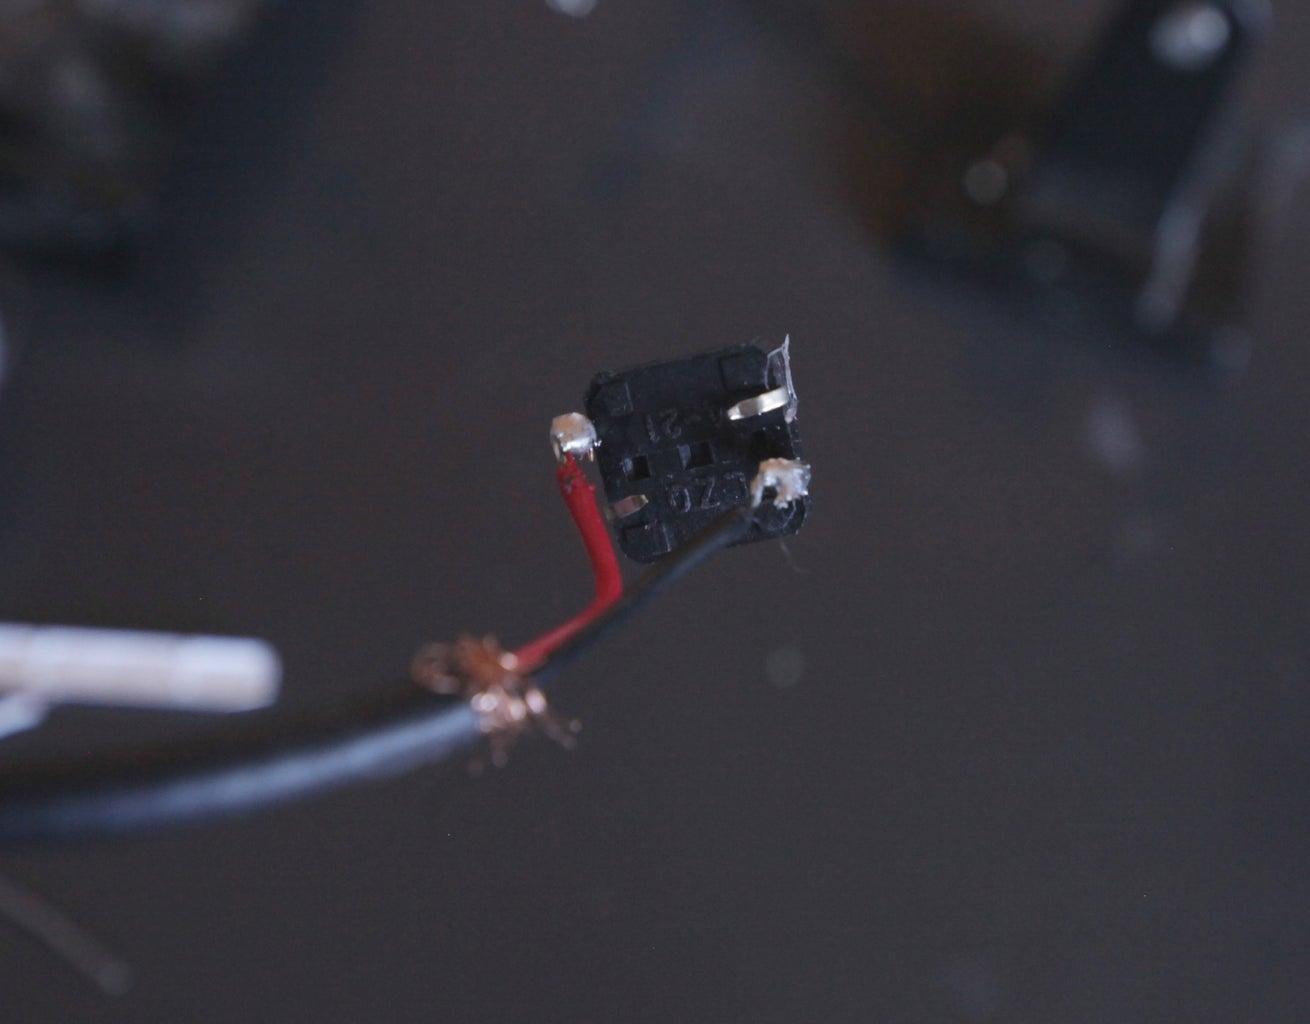 Paso 8 - Conécta El Botón Al Extremo Del Cable